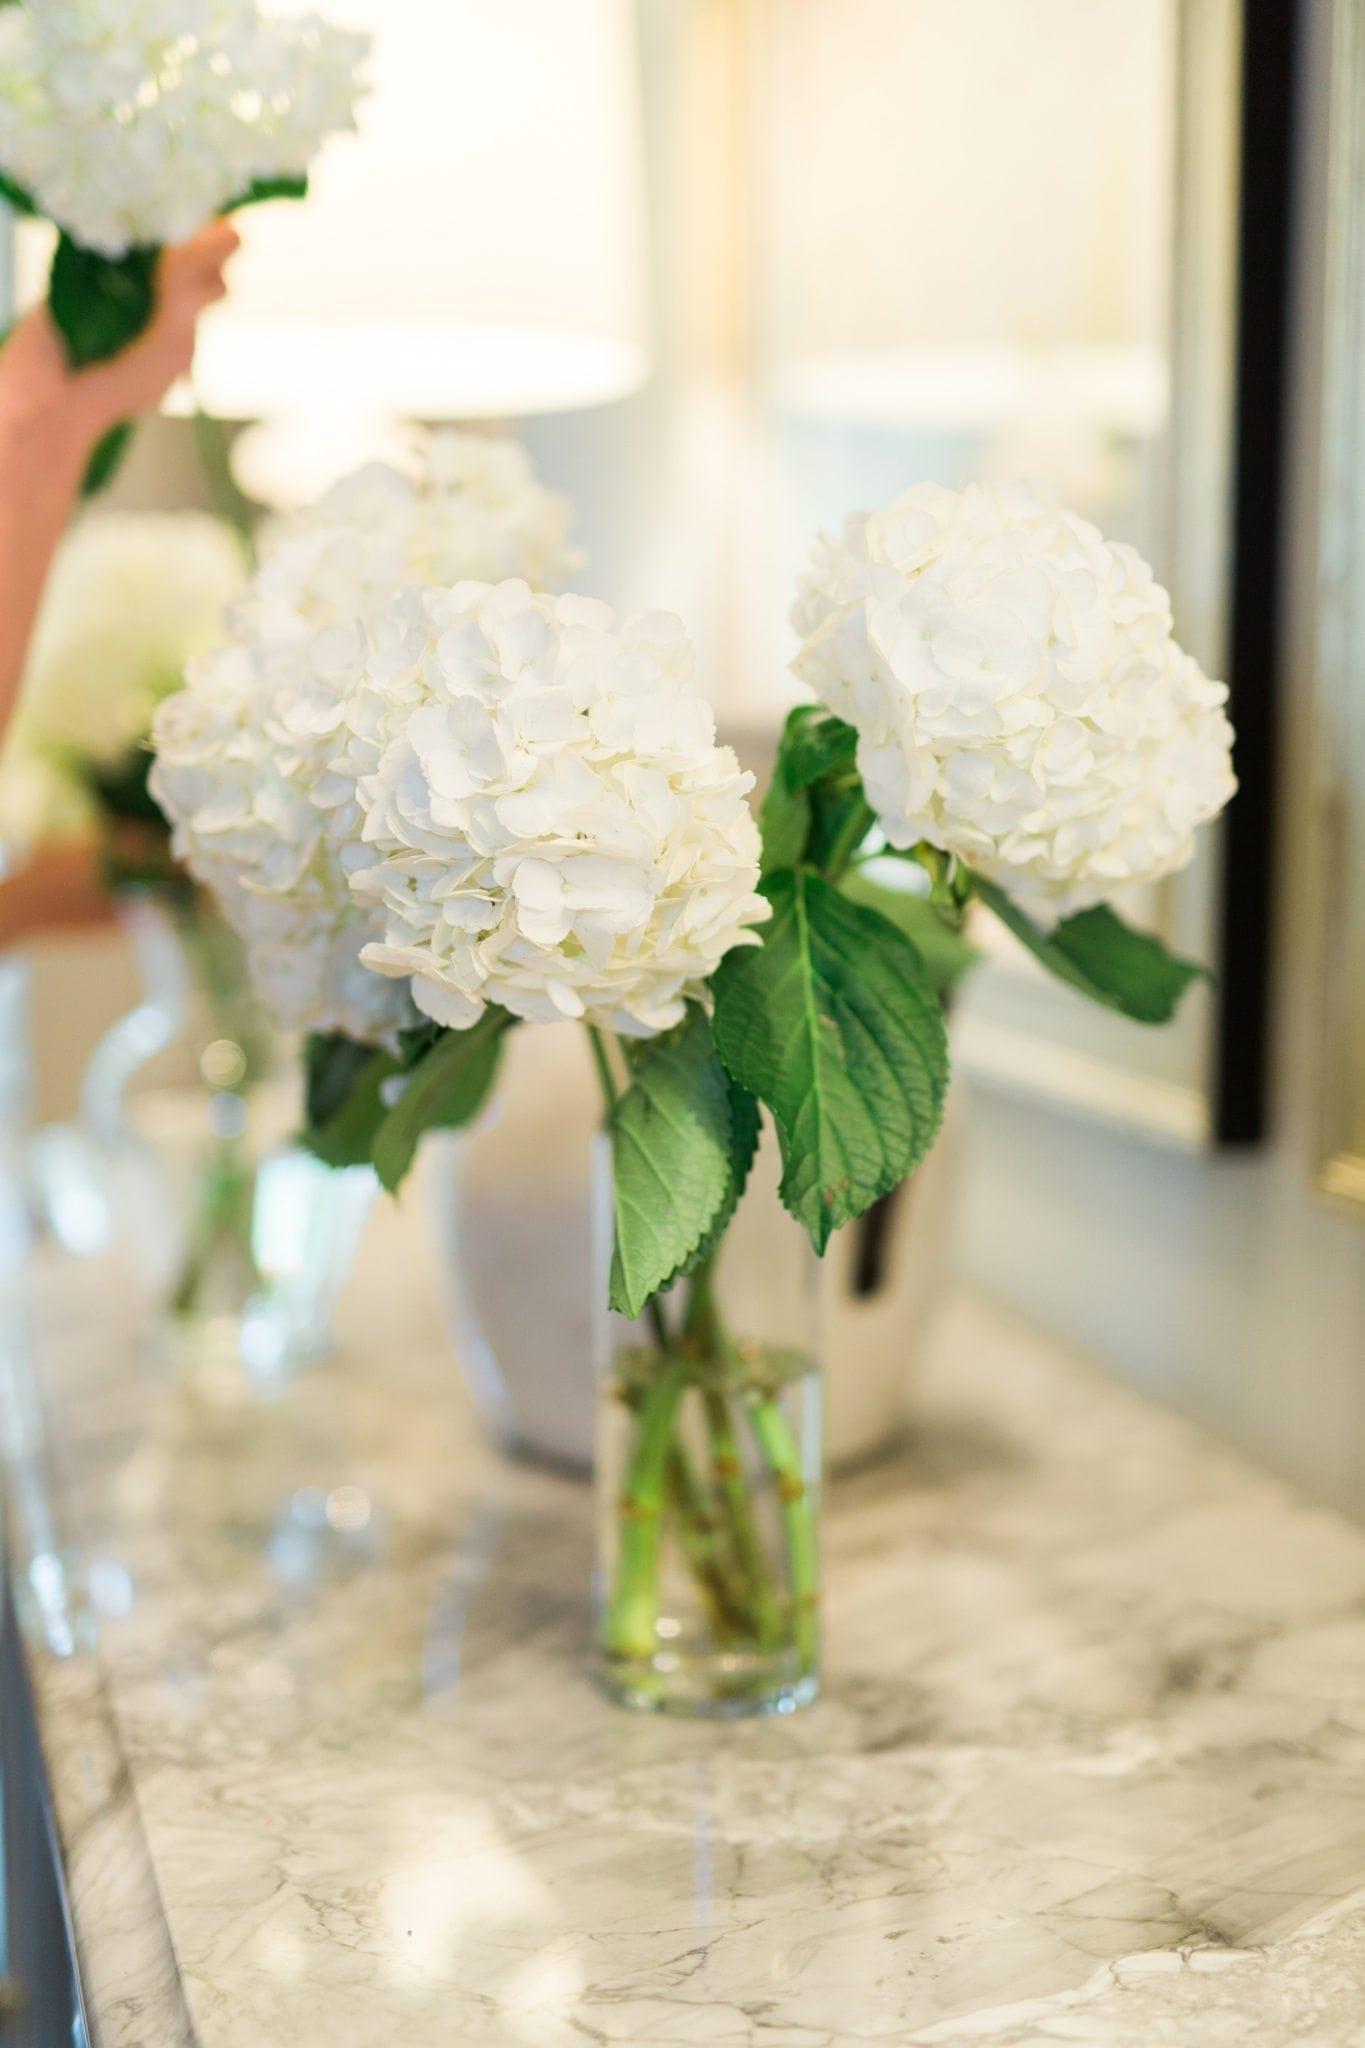 3 tips to help flower arrangements last